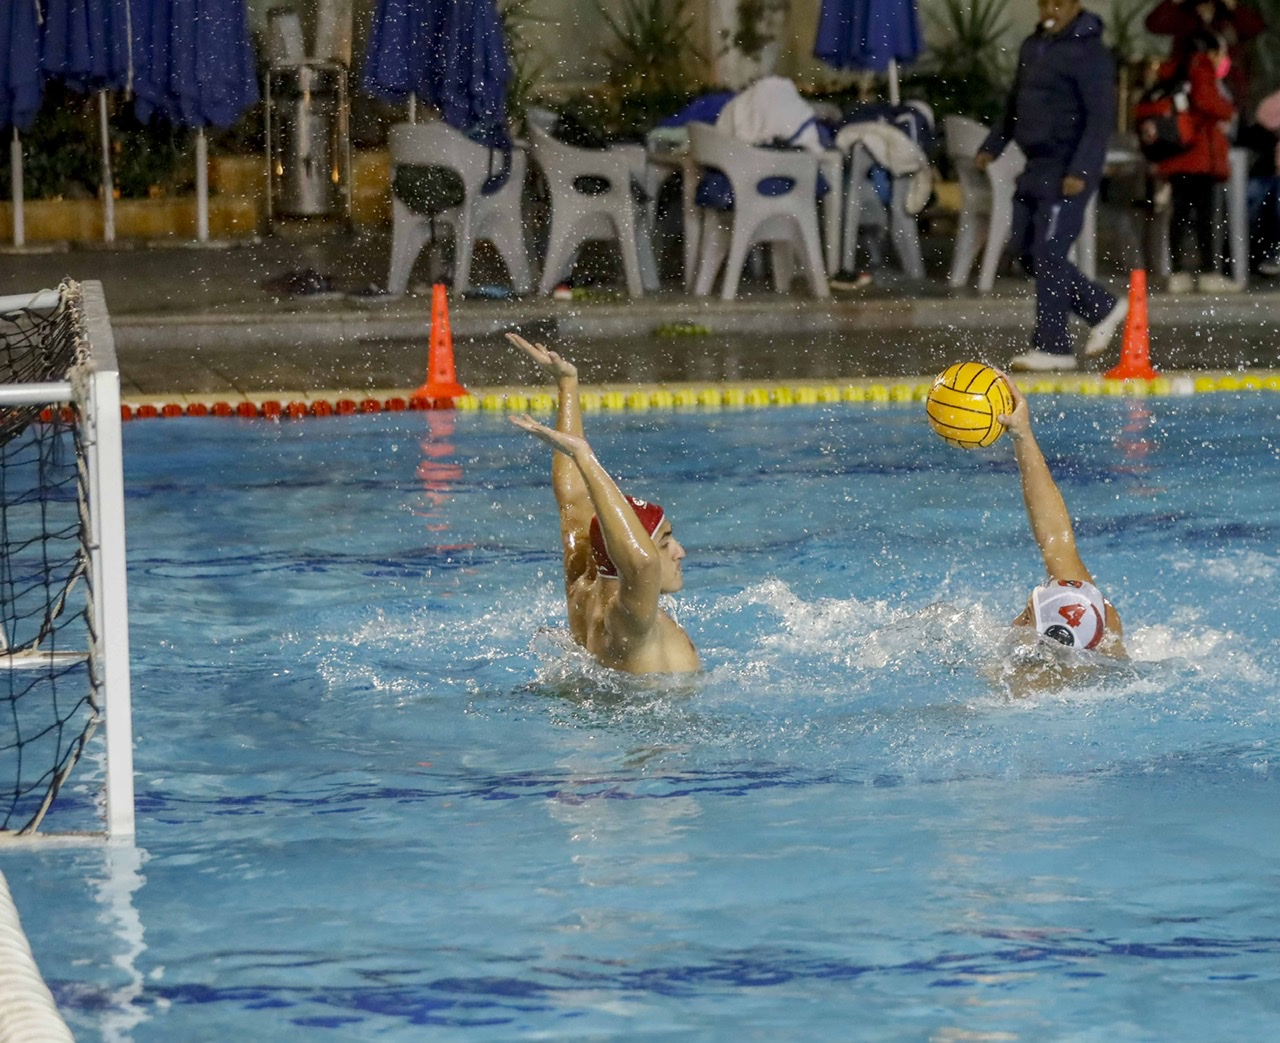 كرة الماء  مباراتان وديتان لفرق ناشئي الأهلي 2005 و2003 أمام الشمس والصيد